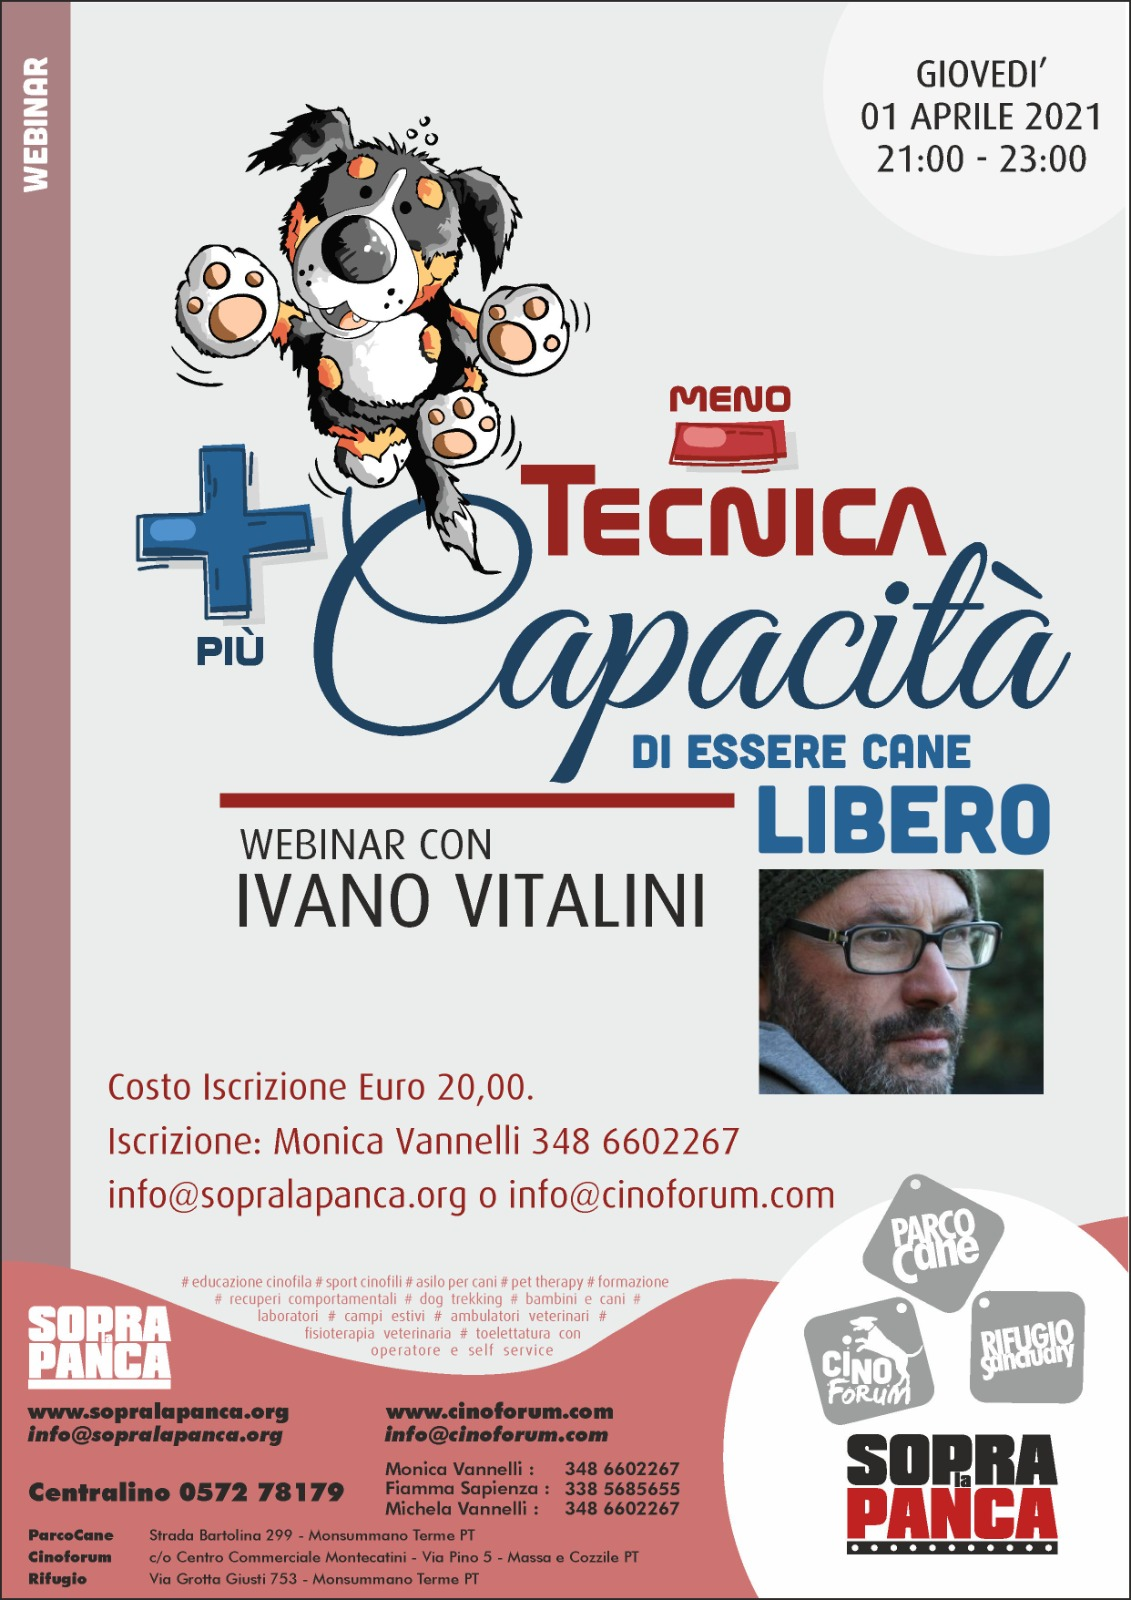 Webinar 1 Aprile 2021 - Meno tecnica più capacità di essere cane con Ivano Vitalini